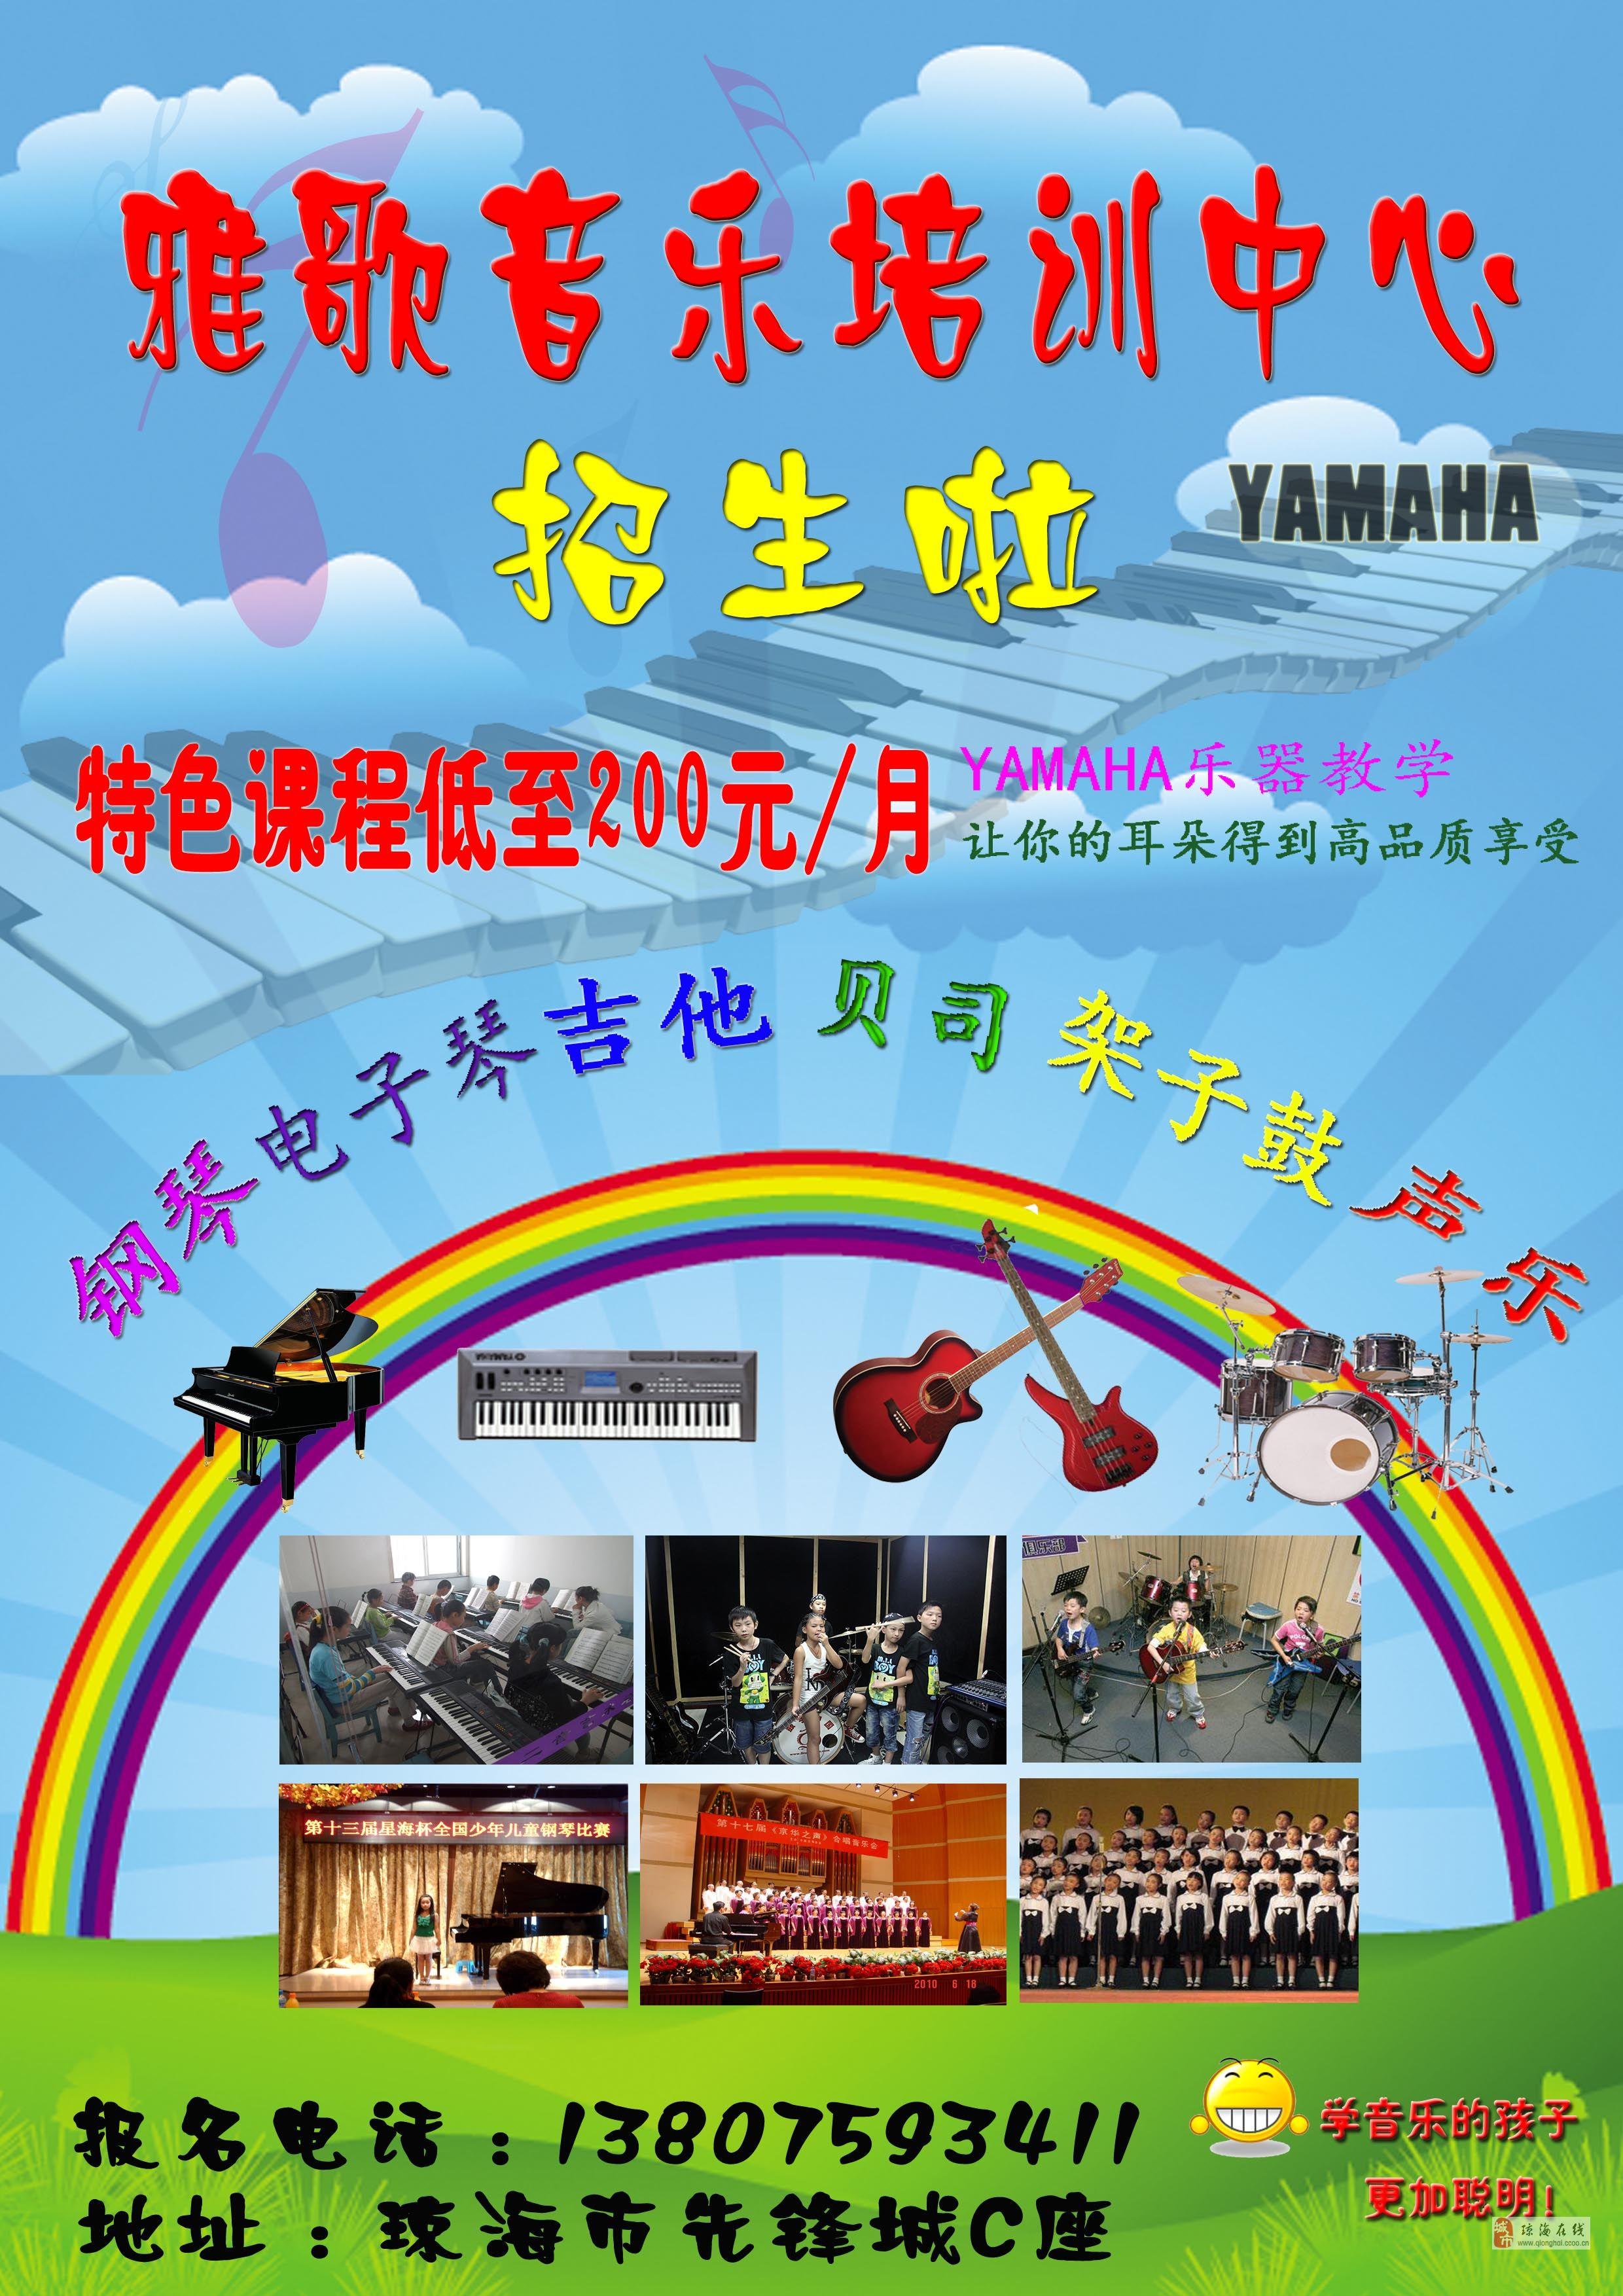 雅歌音乐培训中心(钢琴、吉他、架子鼓)招生啦